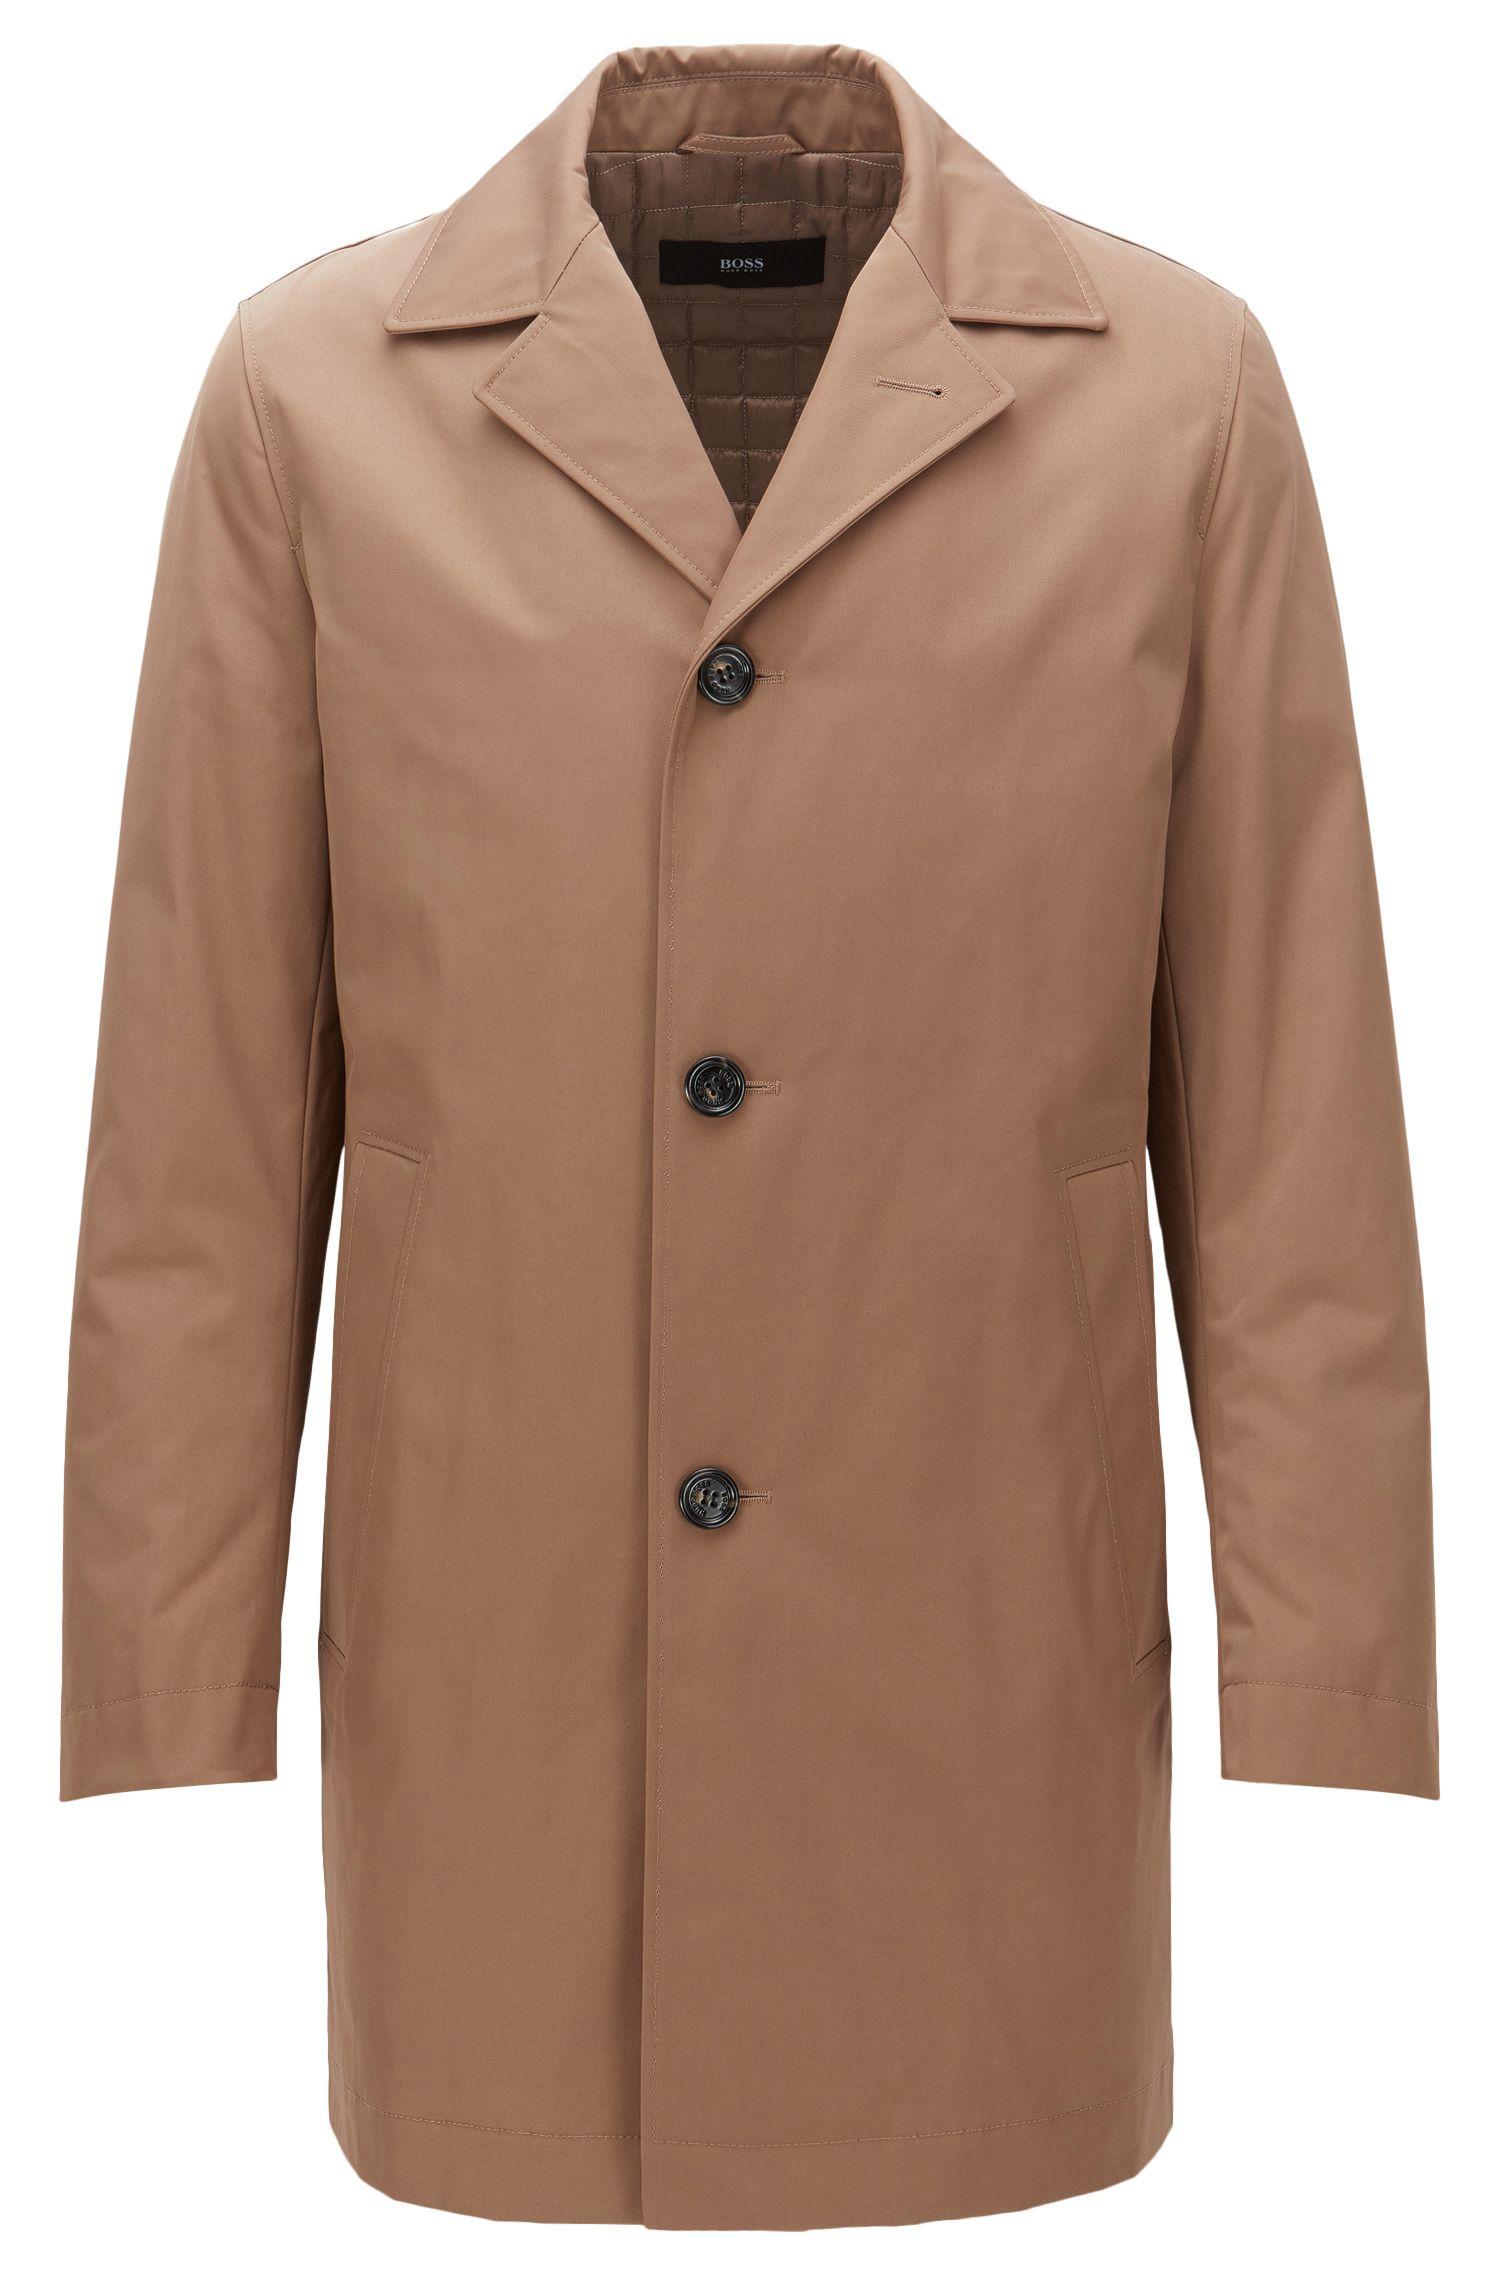 Manteau en tissu de poids moyen, légèrement matelassé